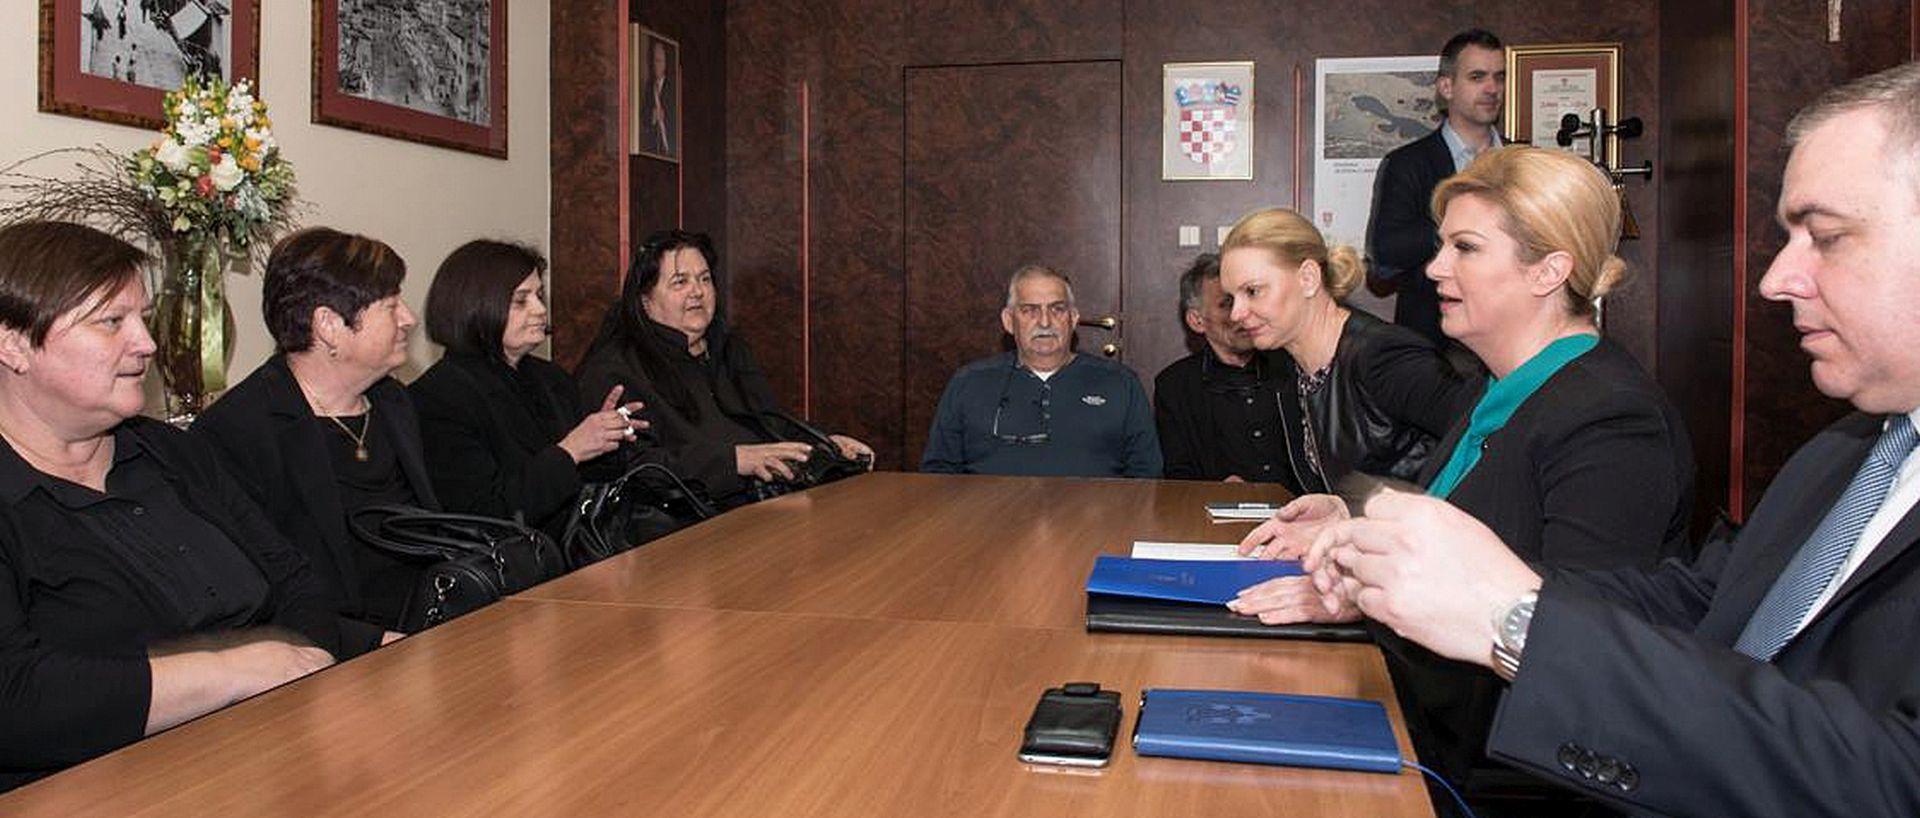 Predsjednica se sastala s obiteljima poginulih vatrogasaca